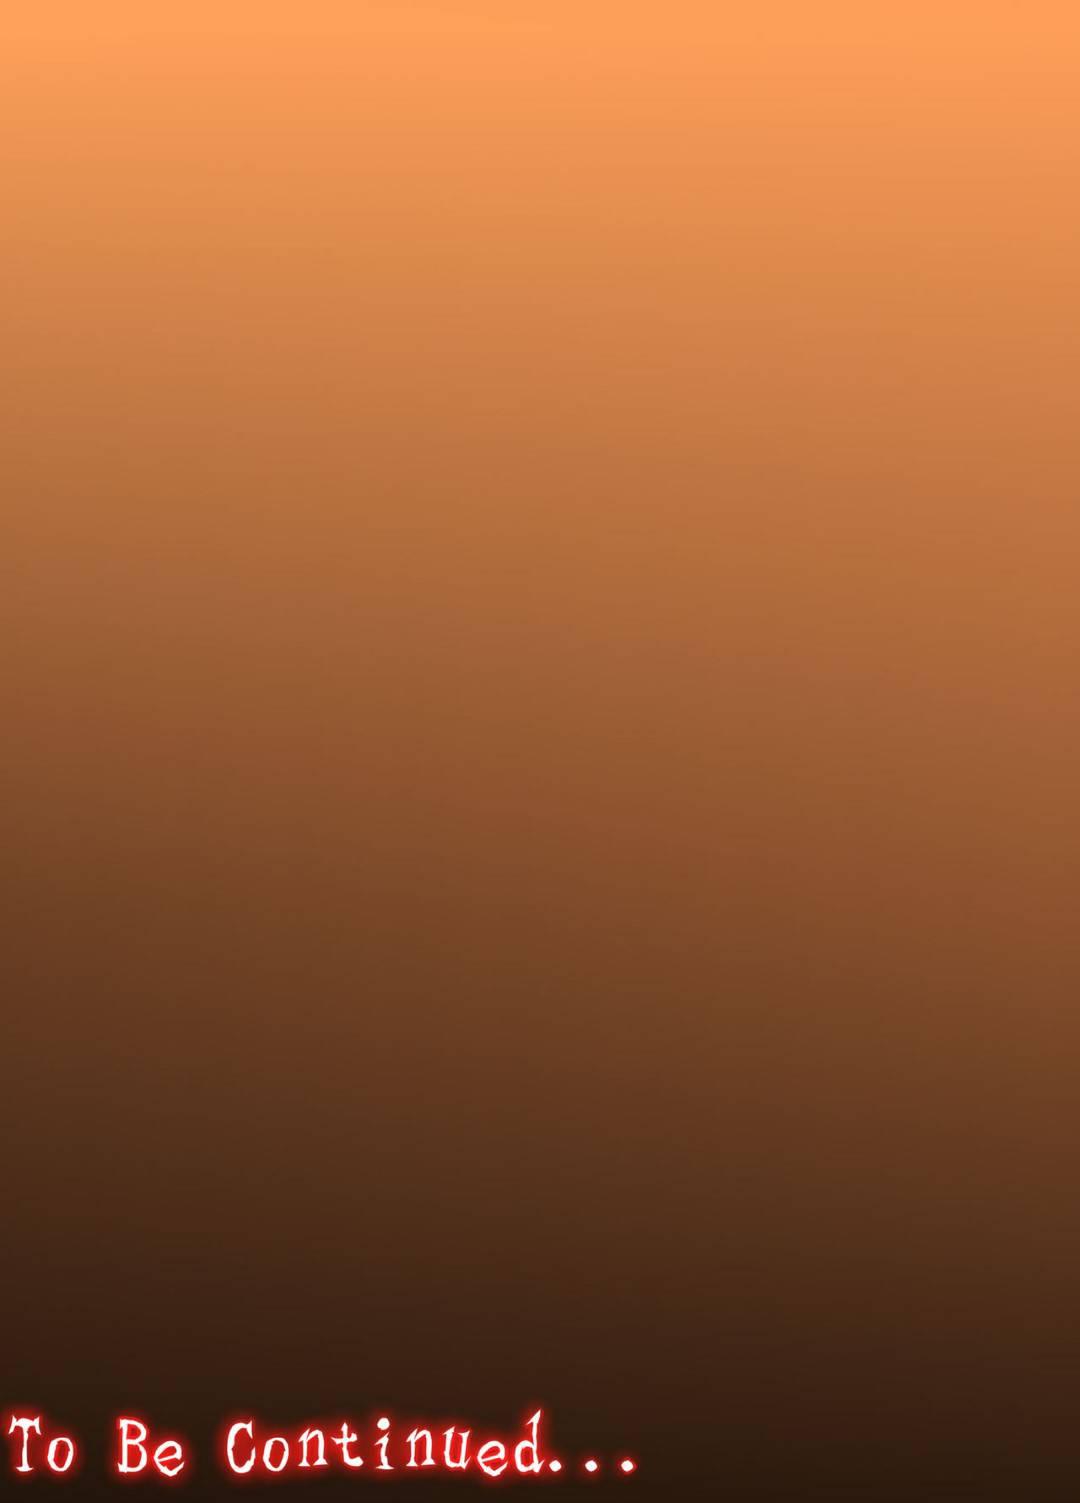 【エロ同人誌】寝ると必ず見る悪夢には化け物に犯され続ける女教師…それを助けようとするが夢をみるたびにどんどん教師は酷い凌辱を受けマンコに何本もの触手を入れられながら頭をまるごと食べられる!【水無月三日:悪夢3~暴走する母性~】